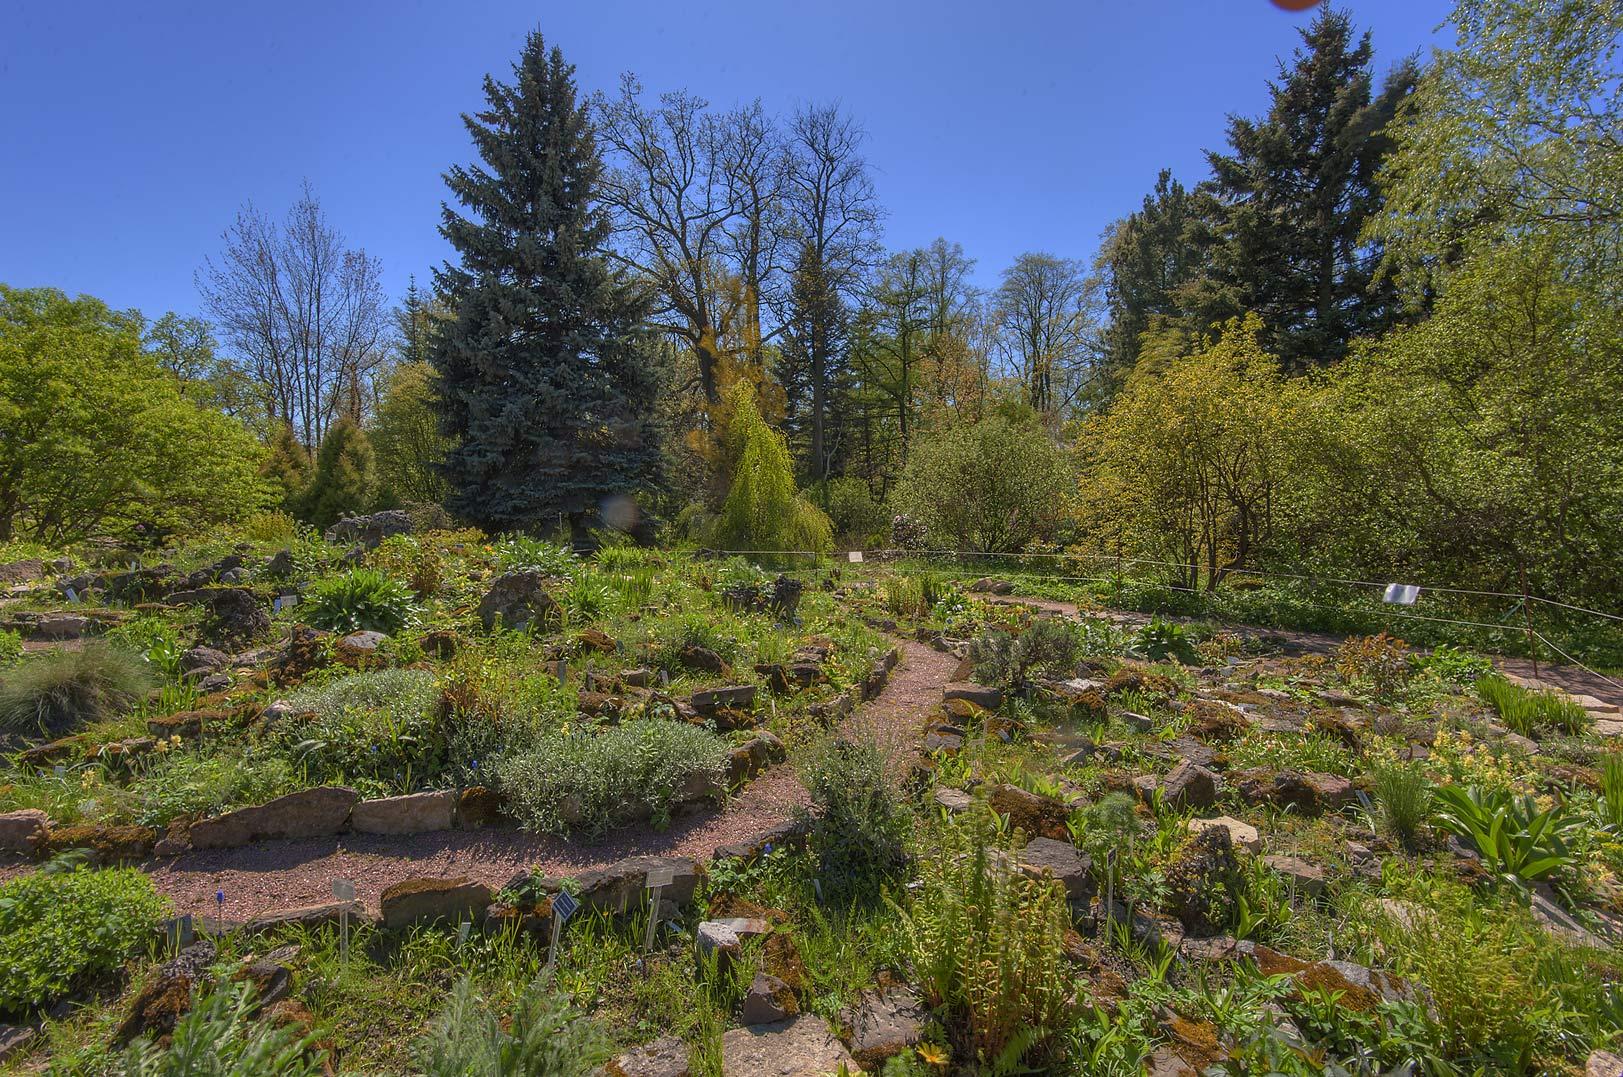 Photo 1596 13 Alpine Hill Near A Greenhouse In Botanic Gardens Institute St Petersburg Russia